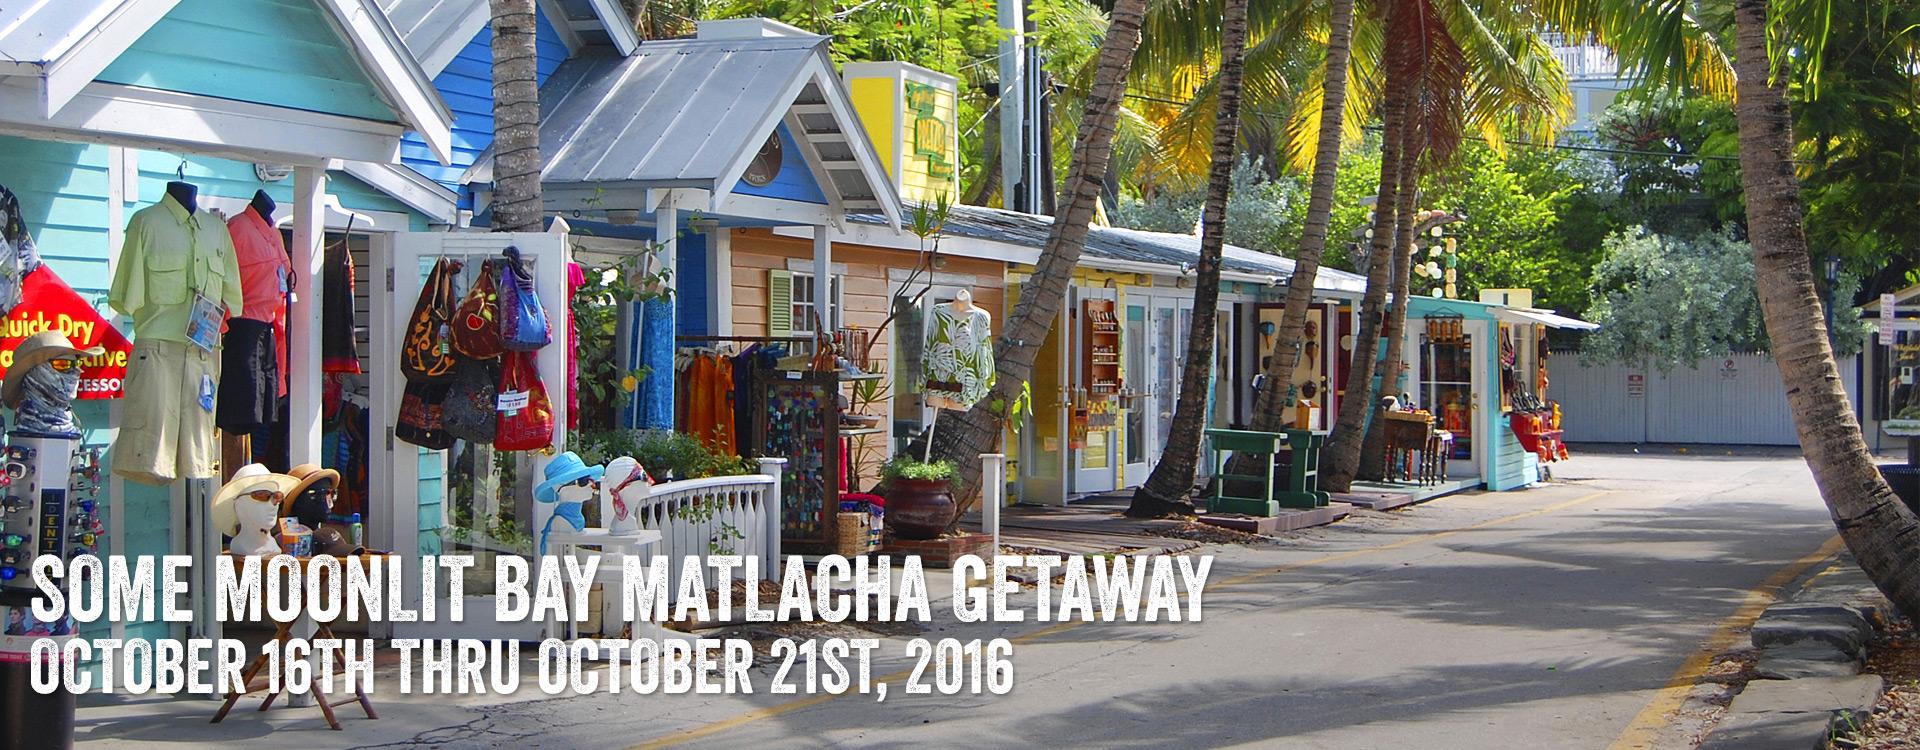 Some Moonlit Bay Matlacha Getaway